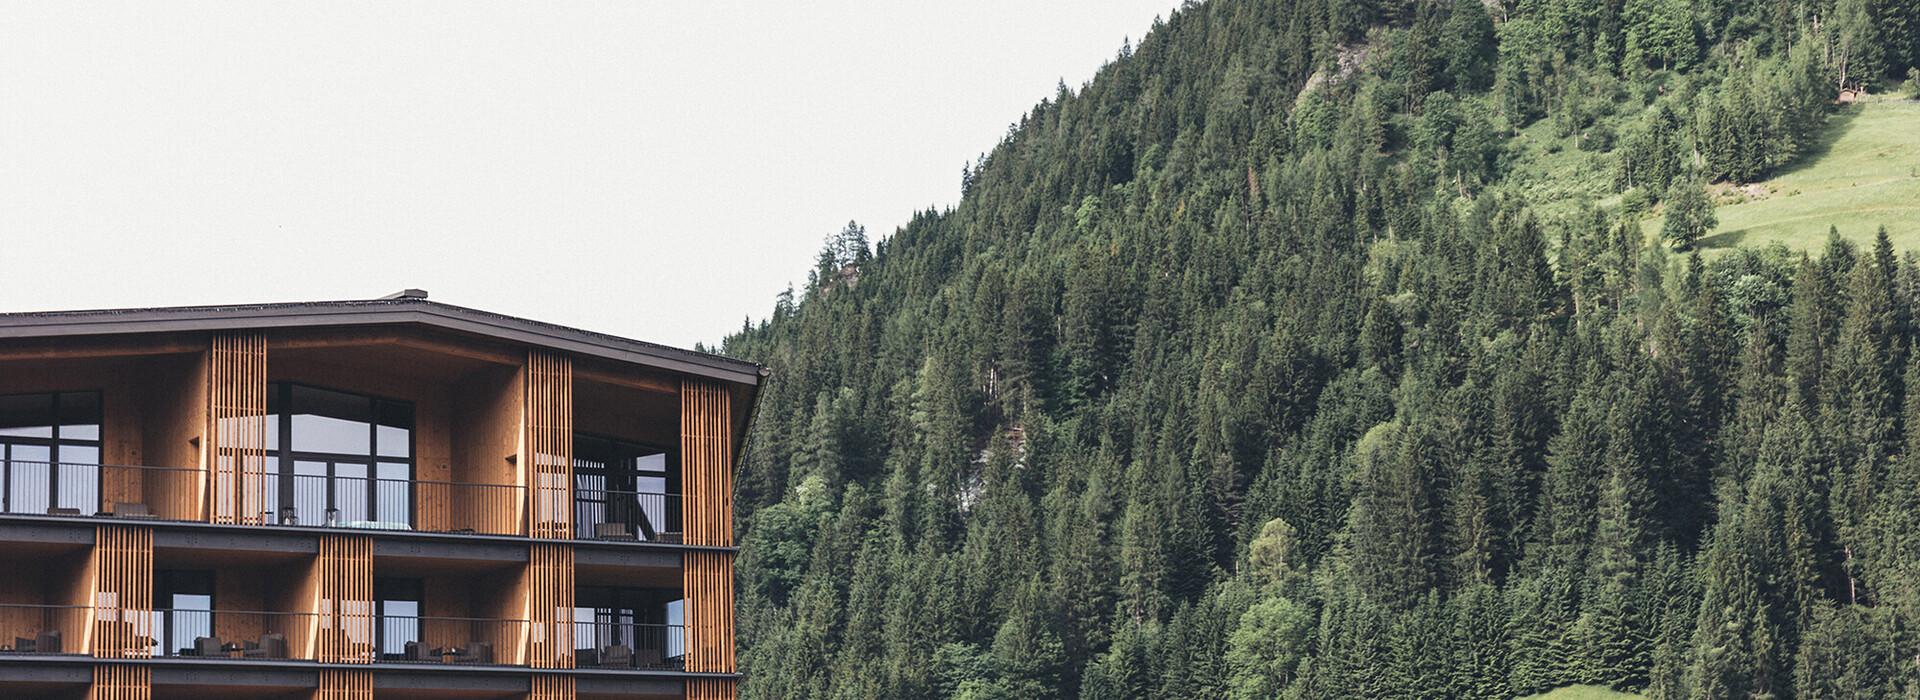 Blick auf die Suiten und Zimmer mit großem Balkon des 4*S Hotel Nesslerhof in Großarl, Salzburger Land